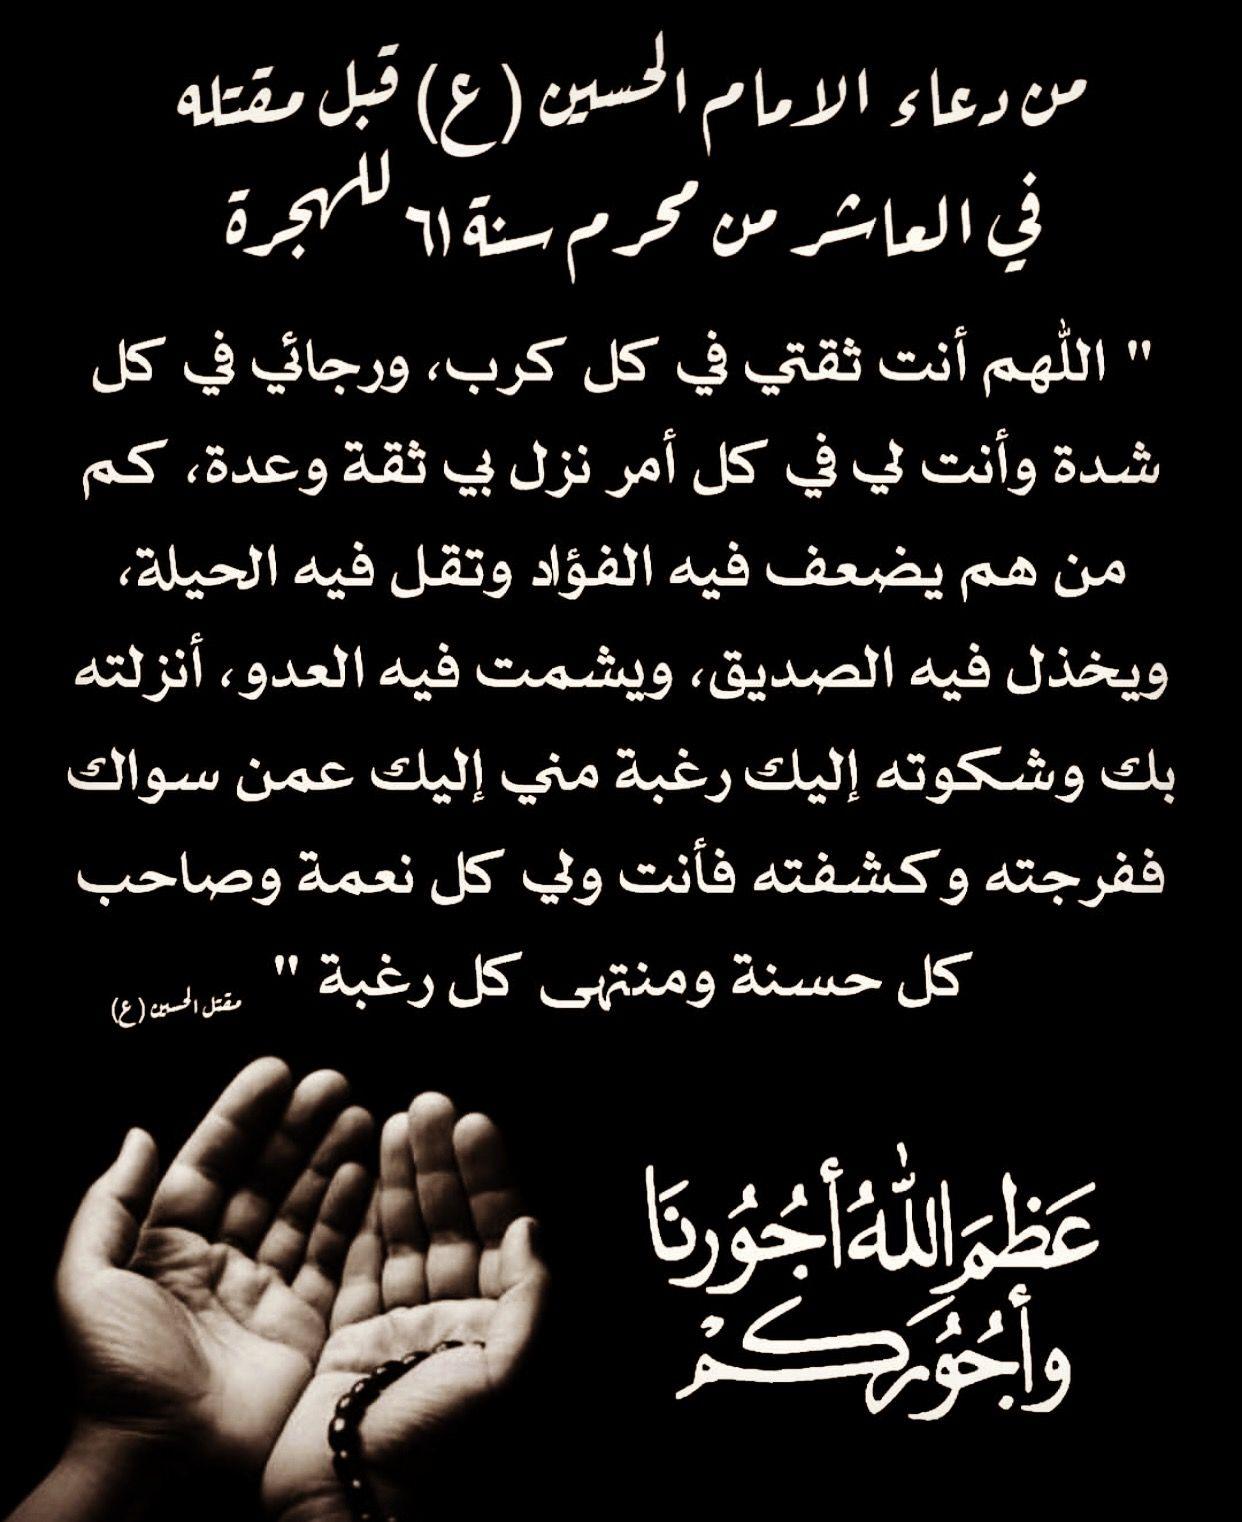 من دعاء الإمام الحسين عليه السلام يوم العاشر من محرم الحرام Wise Quotes Islamic Pictures Quotes